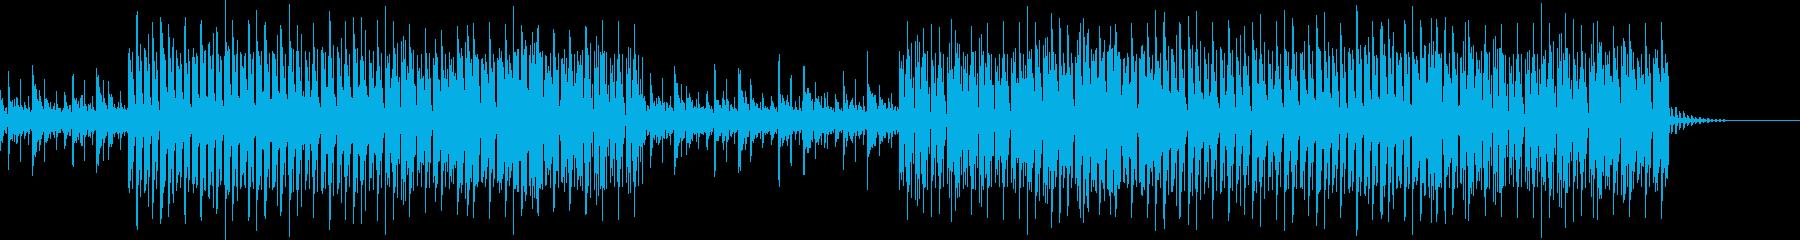 ワールド・幻想的ミステリアスEDMハウスの再生済みの波形